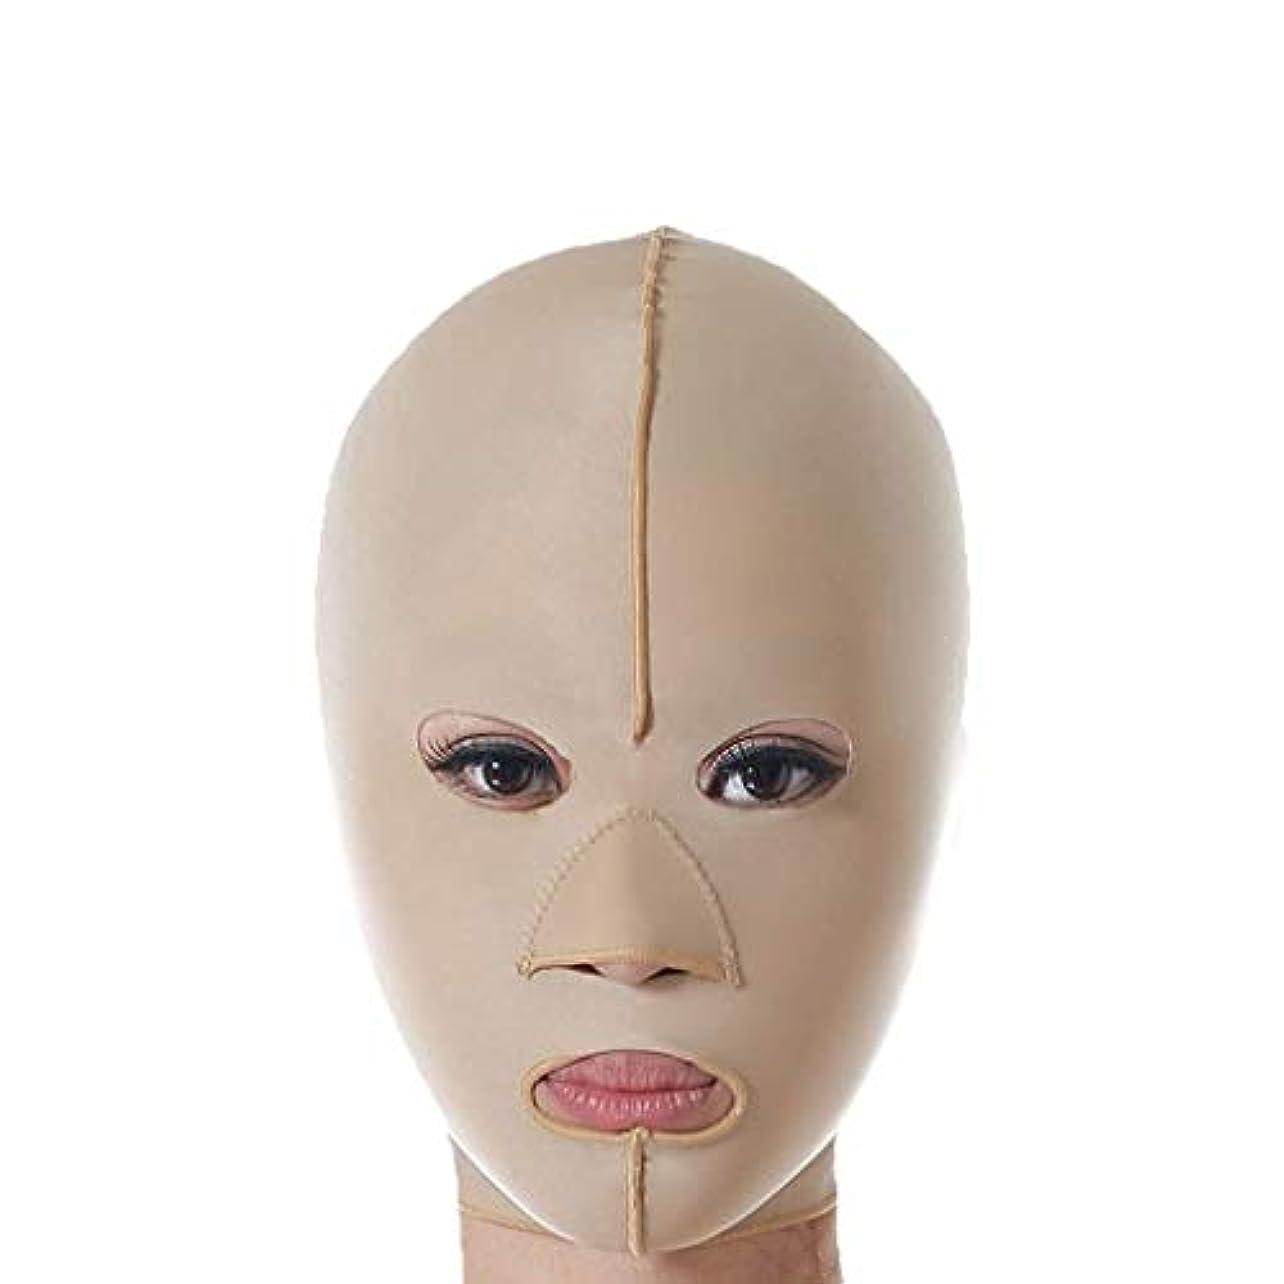 フロー氷環境に優しい減量フェイスマスク、リフティング包帯、スリムフェイスリフトリフティングベルト、フェイシャル減量リフティング包帯、リフティングファーミング包帯(サイズ:XL),M